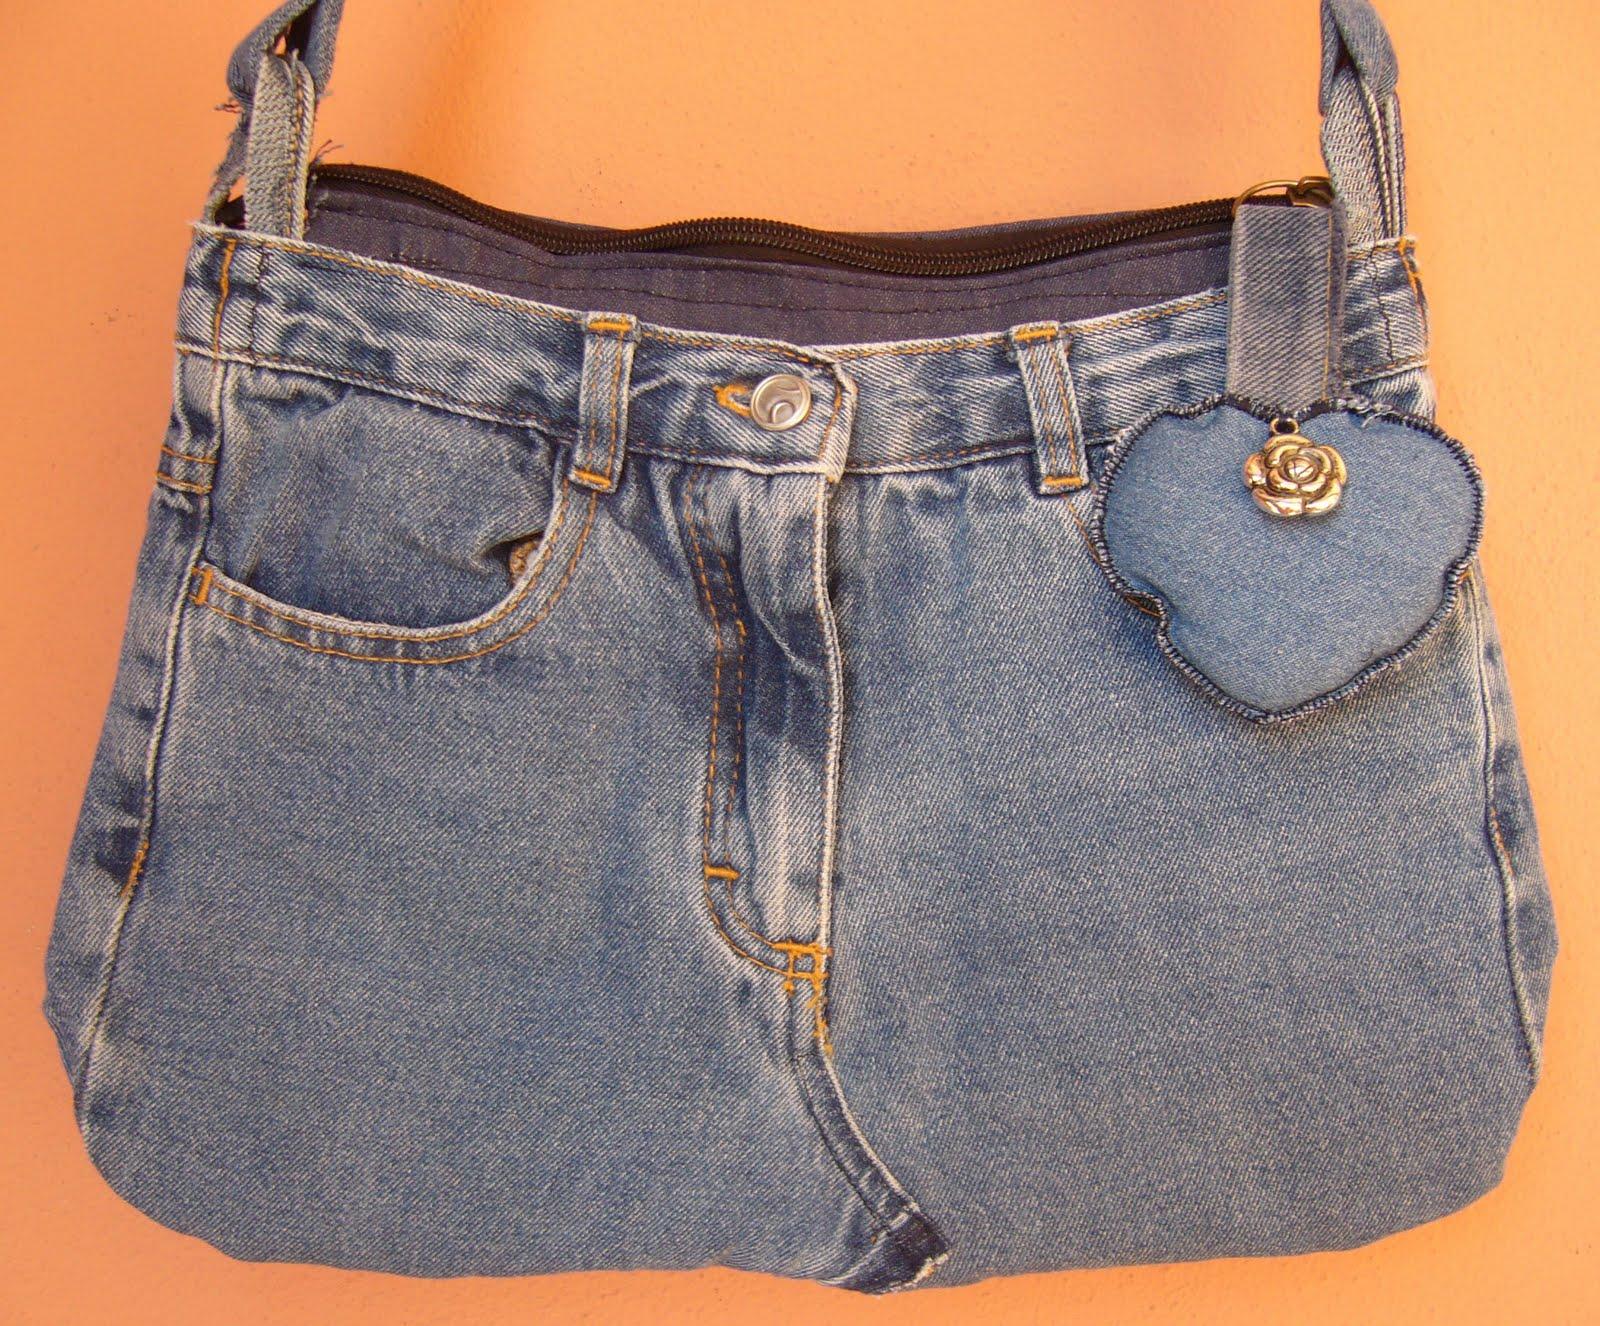 Super fior di anna: Riciclando borsa di jeans RE38